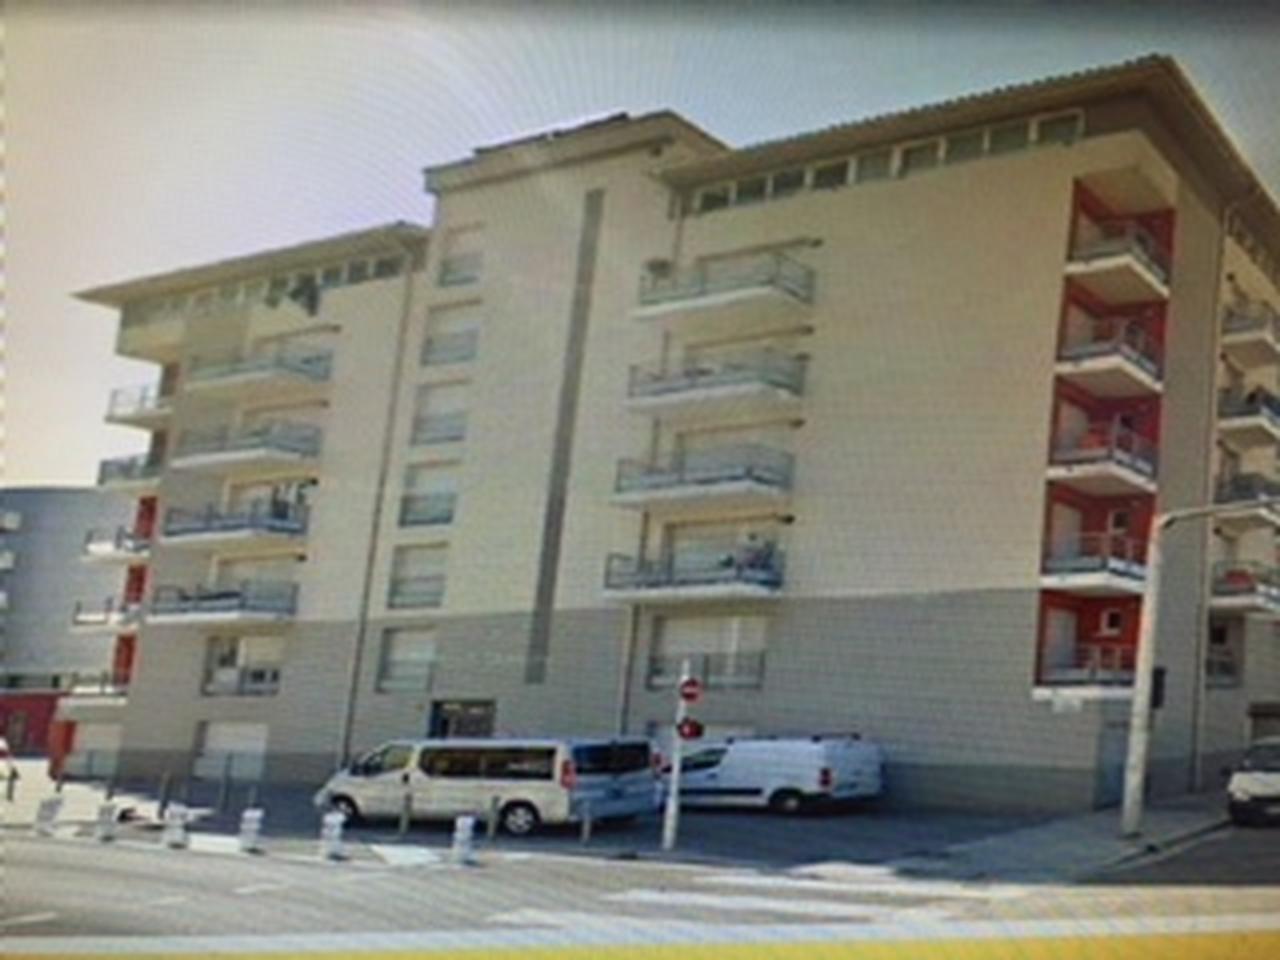 St jean d'angély :  résidence 2013 , 2 Pièce(s) 37 m²  , balcon ,